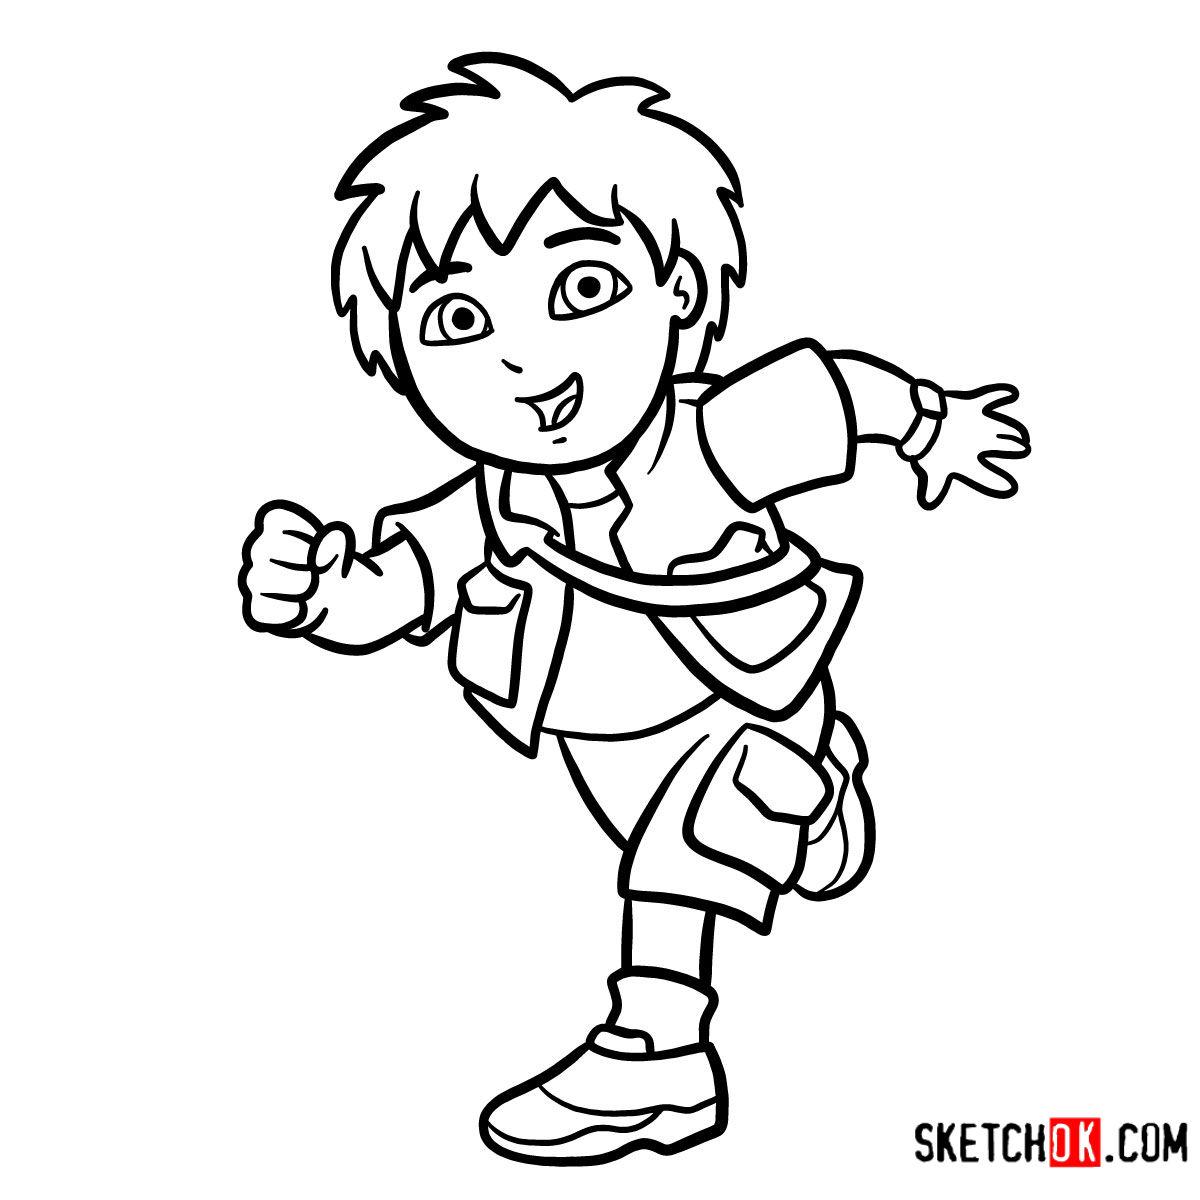 How To Drawgo Dora The Explorer